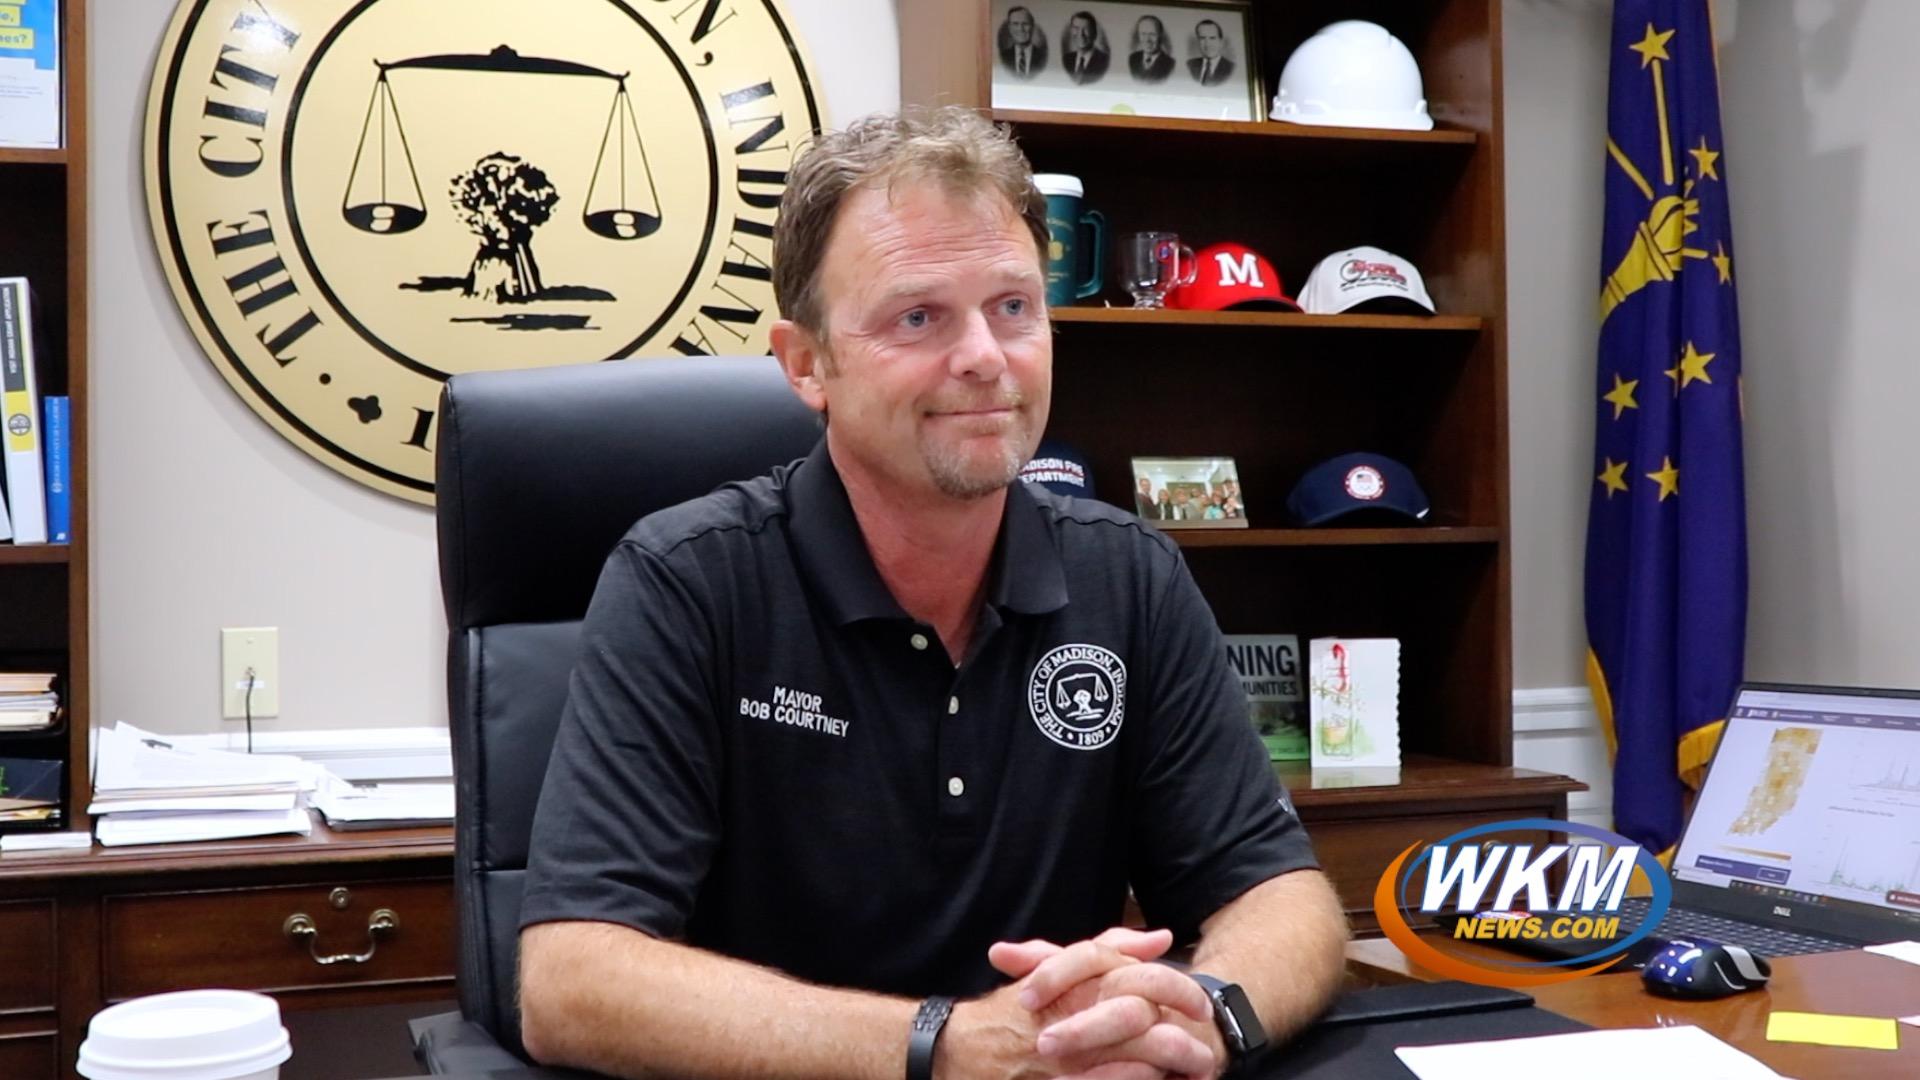 Mayor Bob Courtney Discusses Free COVID-19 Testing and Mandatory Mask Order